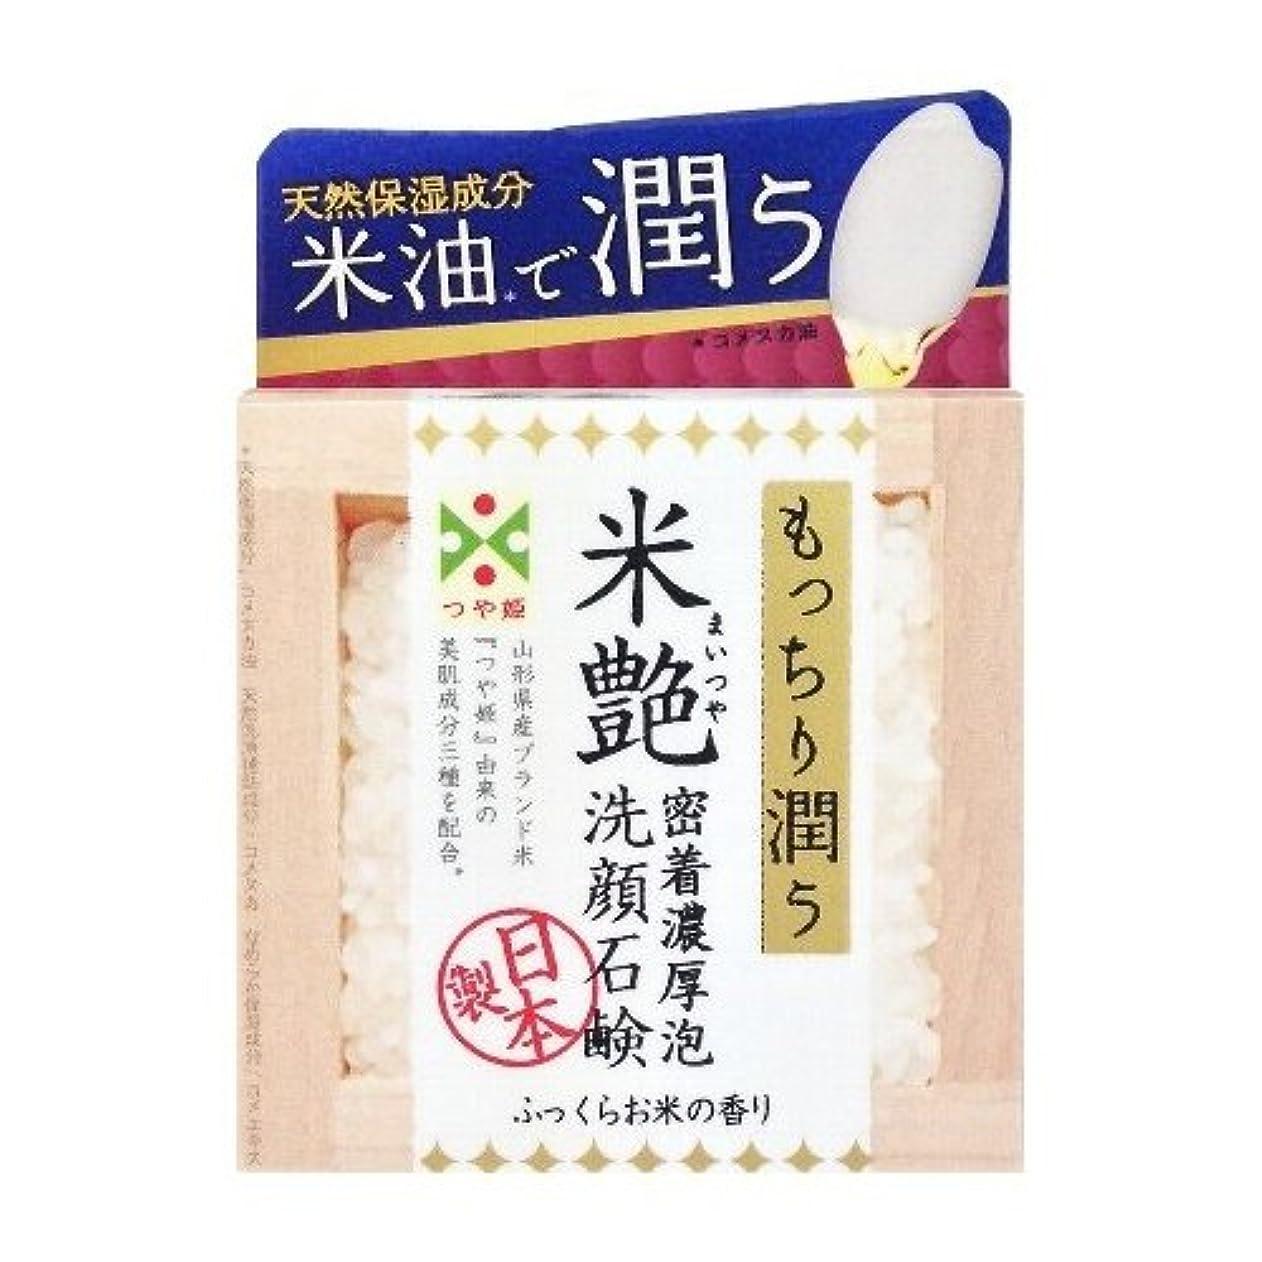 ふさわしいエミュレートする達成可能ペリカン石鹸 米艶洗顔石鹸 100g